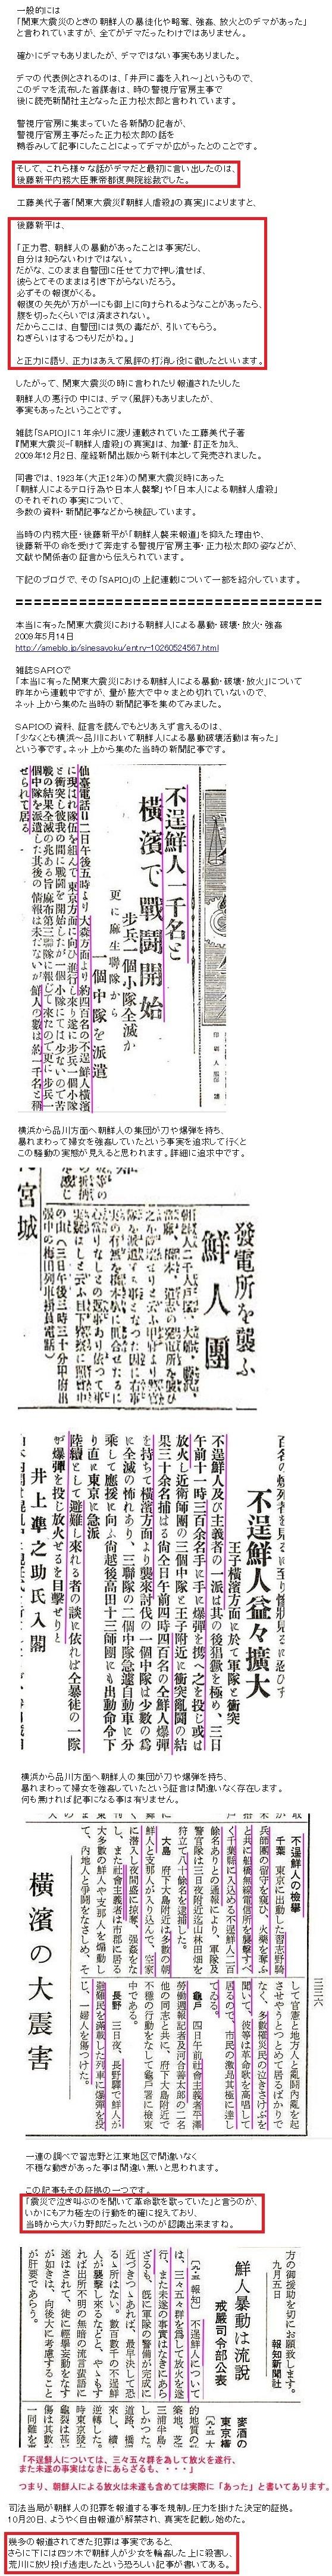 関東大震災「死んだ朝鮮人は200人ちょっと」1